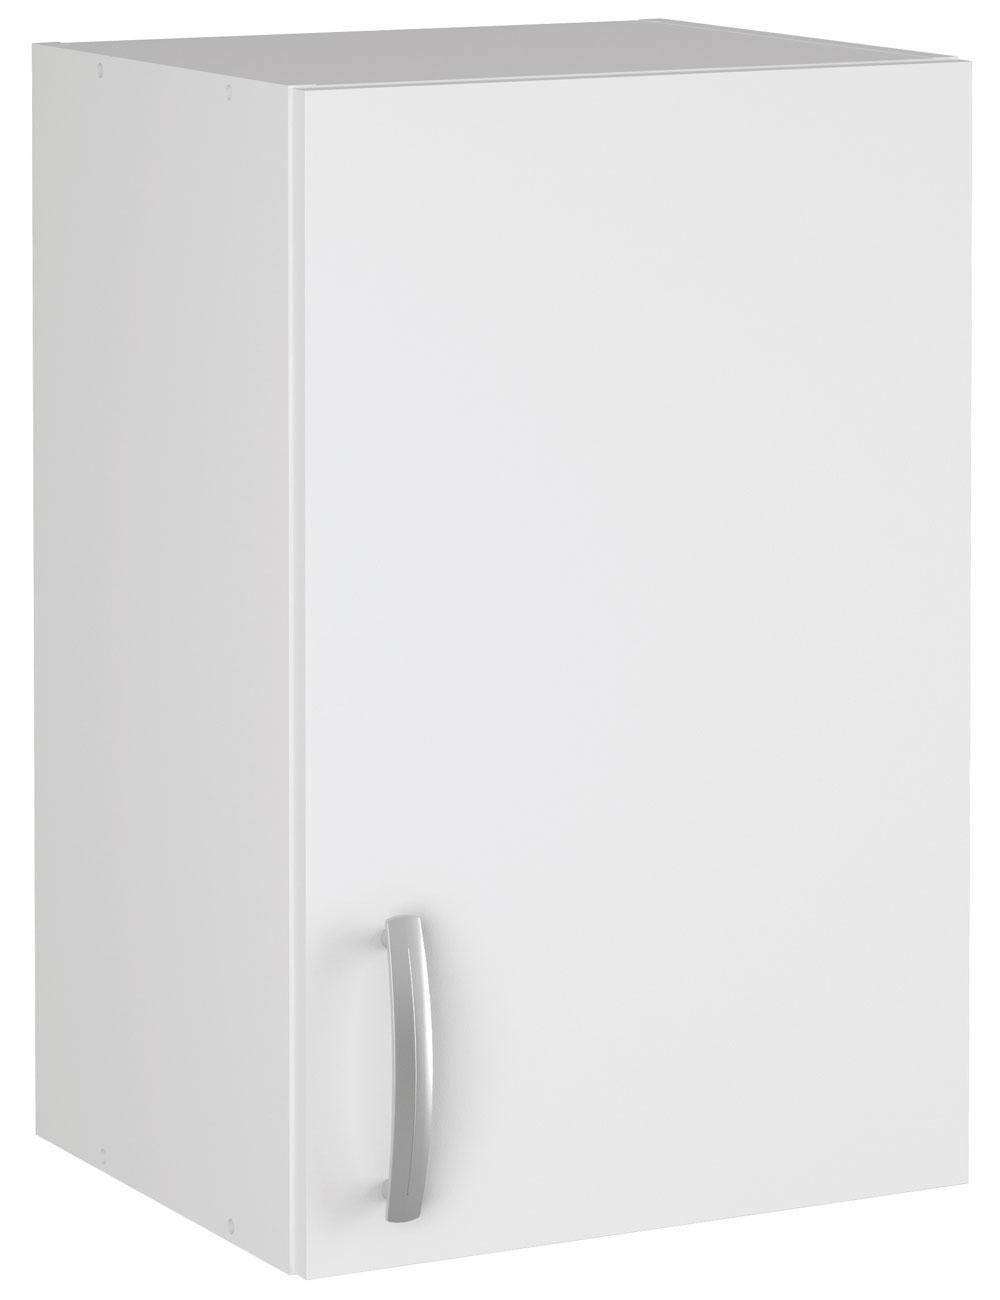 Meuble de cuisine haut Nova avec 15 porte 15 x 15 x 15 cm - Mr.Bricolage